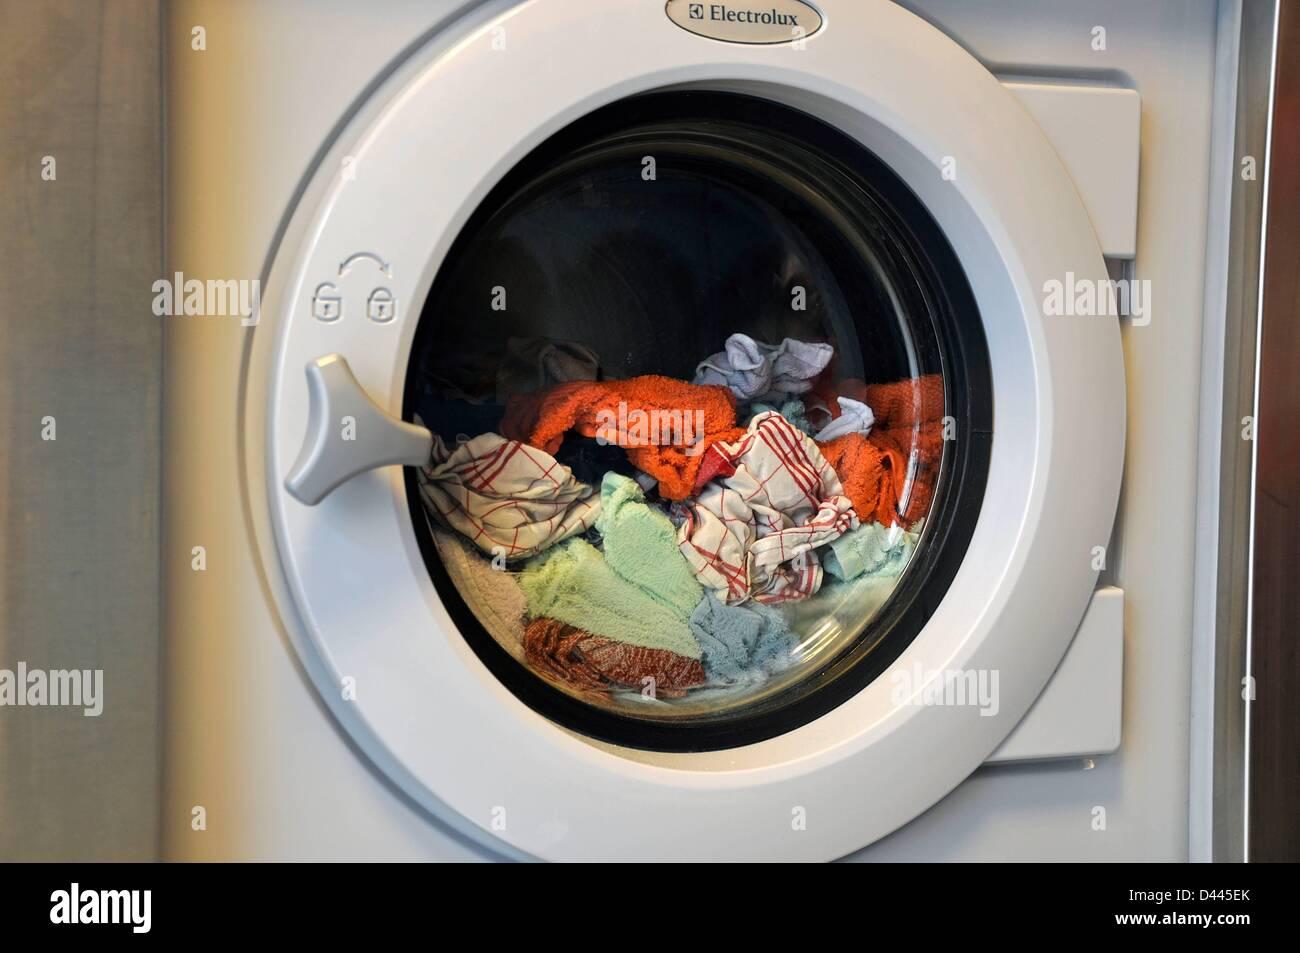 waschmaschine stockfotos waschmaschine bilder alamy. Black Bedroom Furniture Sets. Home Design Ideas